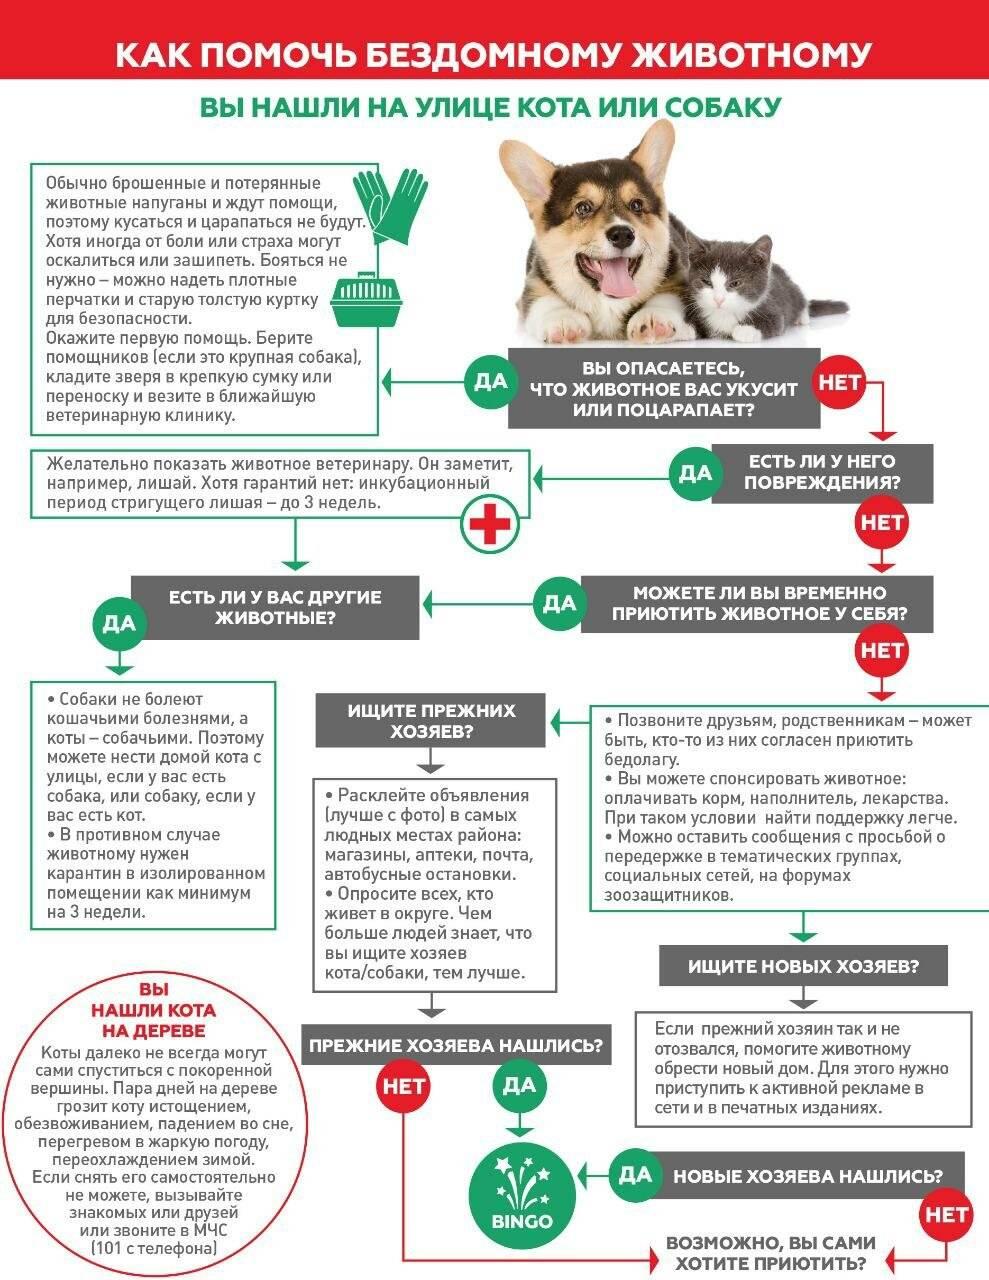 6 эффективных способов помочь бездомным животным - лайфхакер